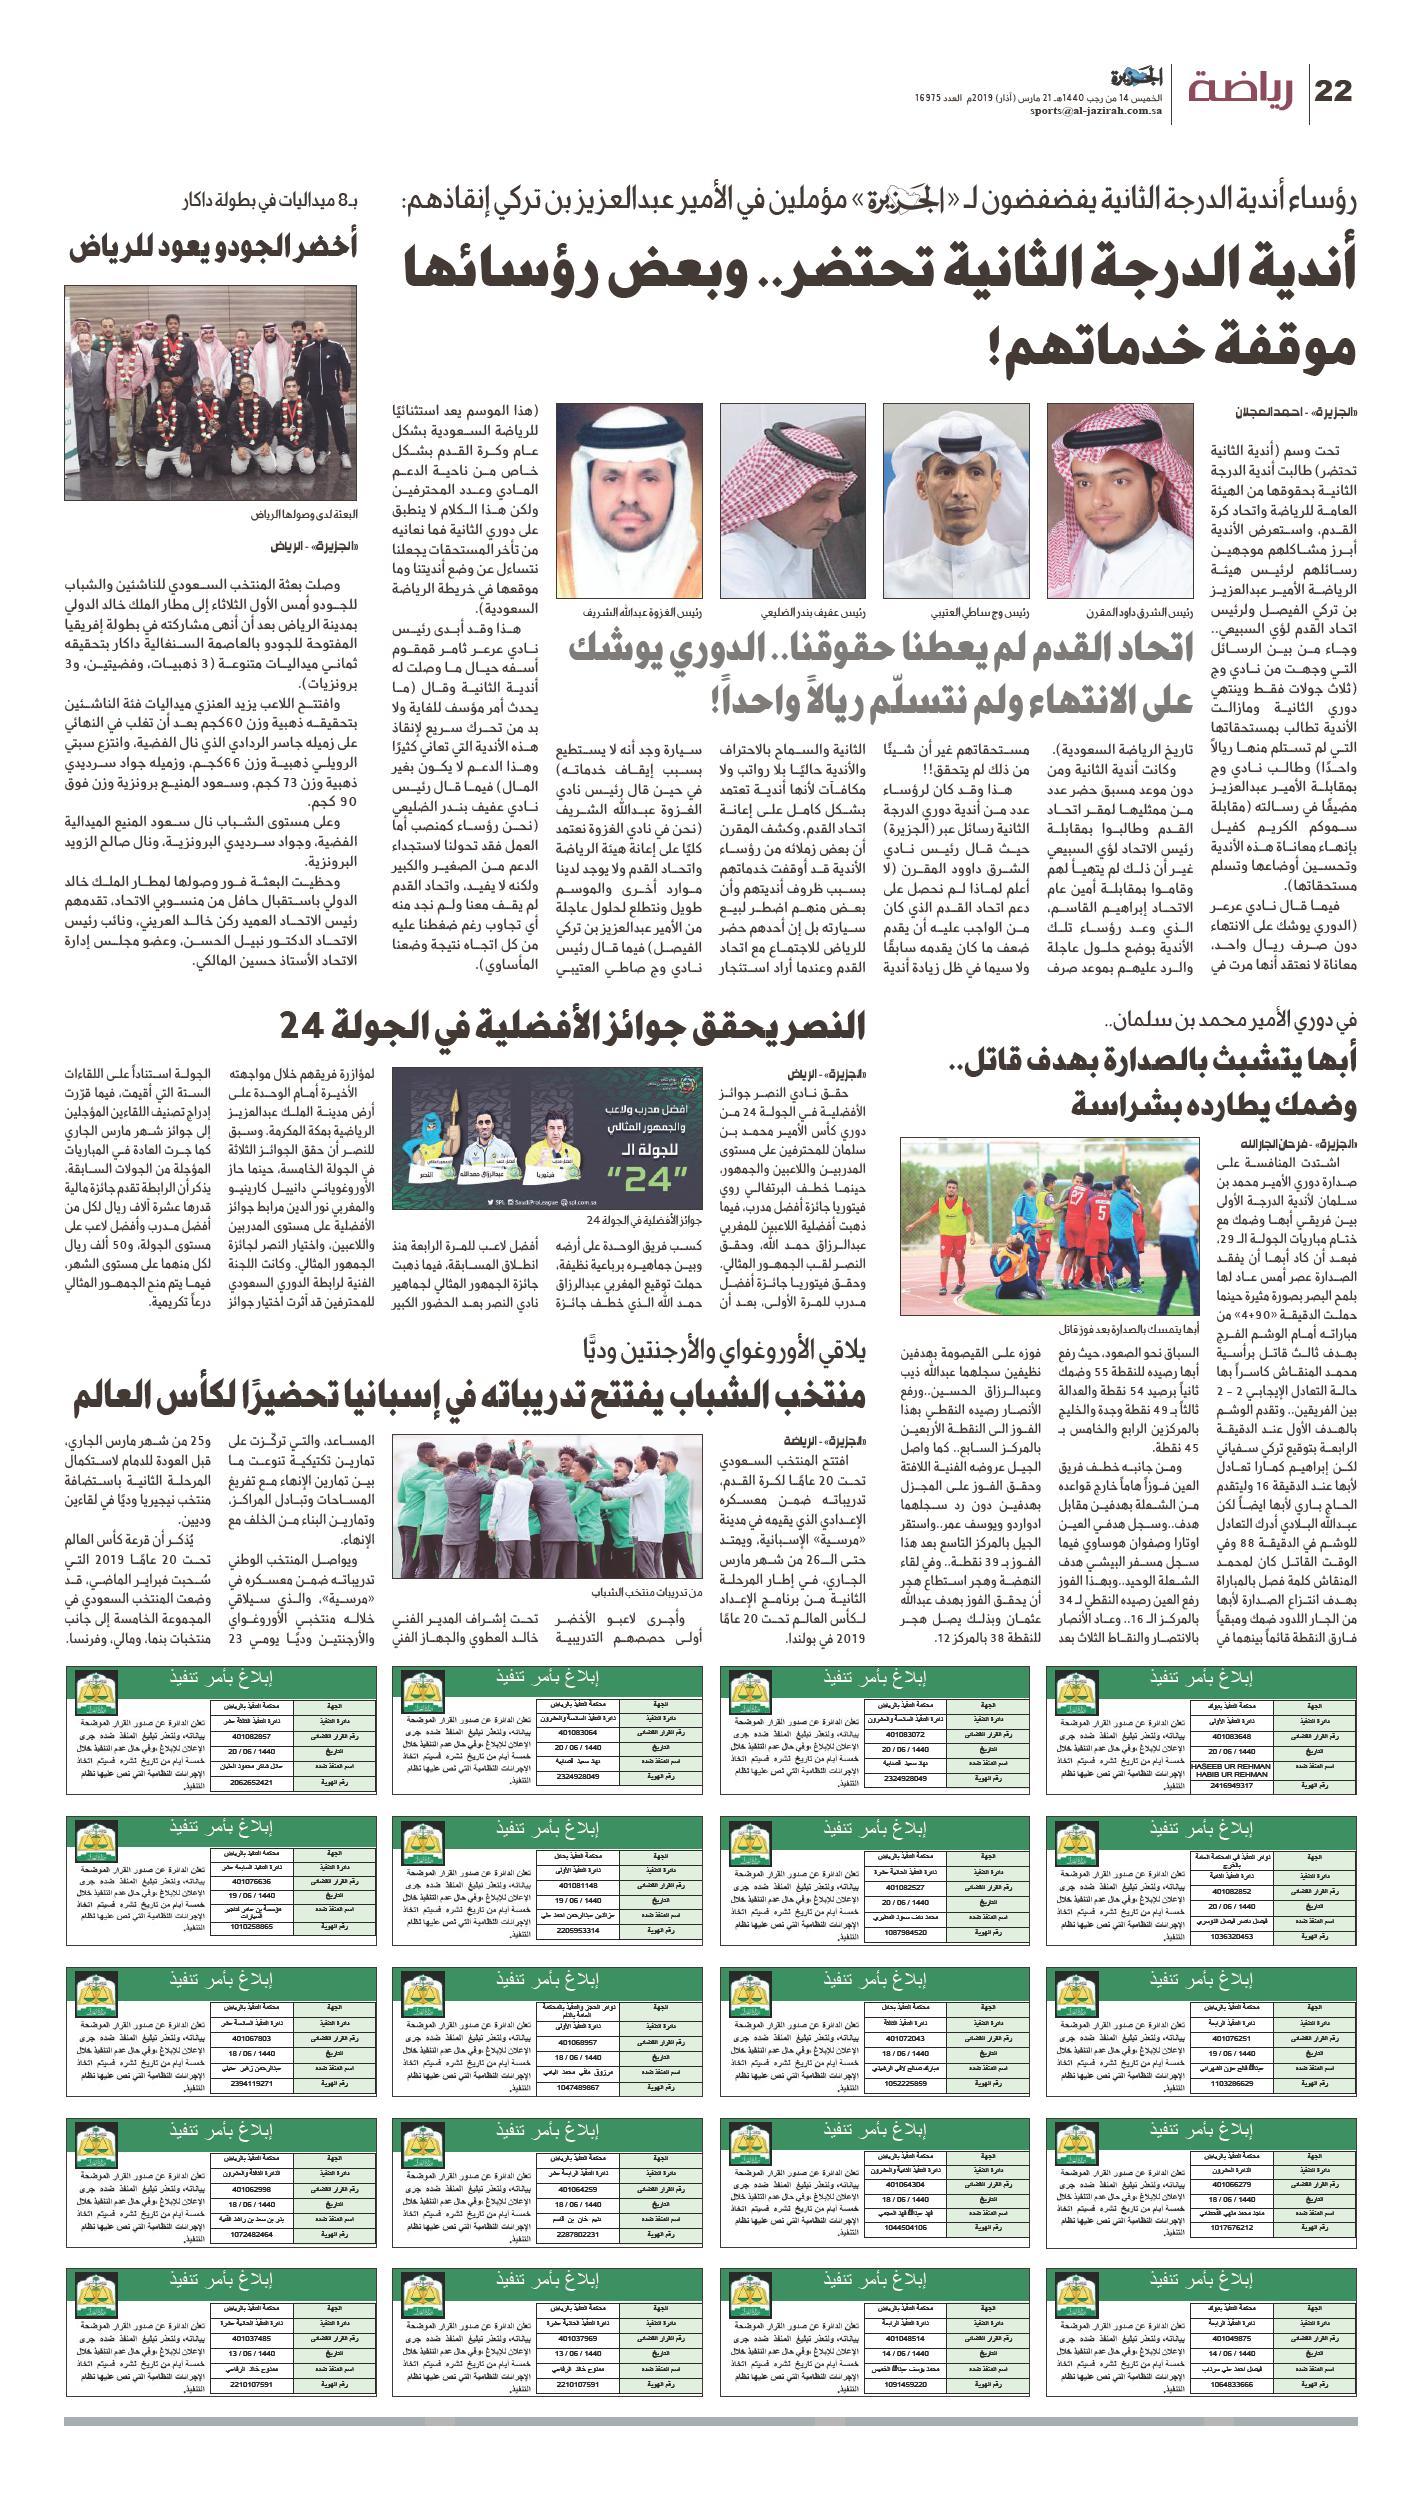 أخبار الاتحاد في الصحف لهذا اليوم الخميس الموافق -14-رجب -1440هـ